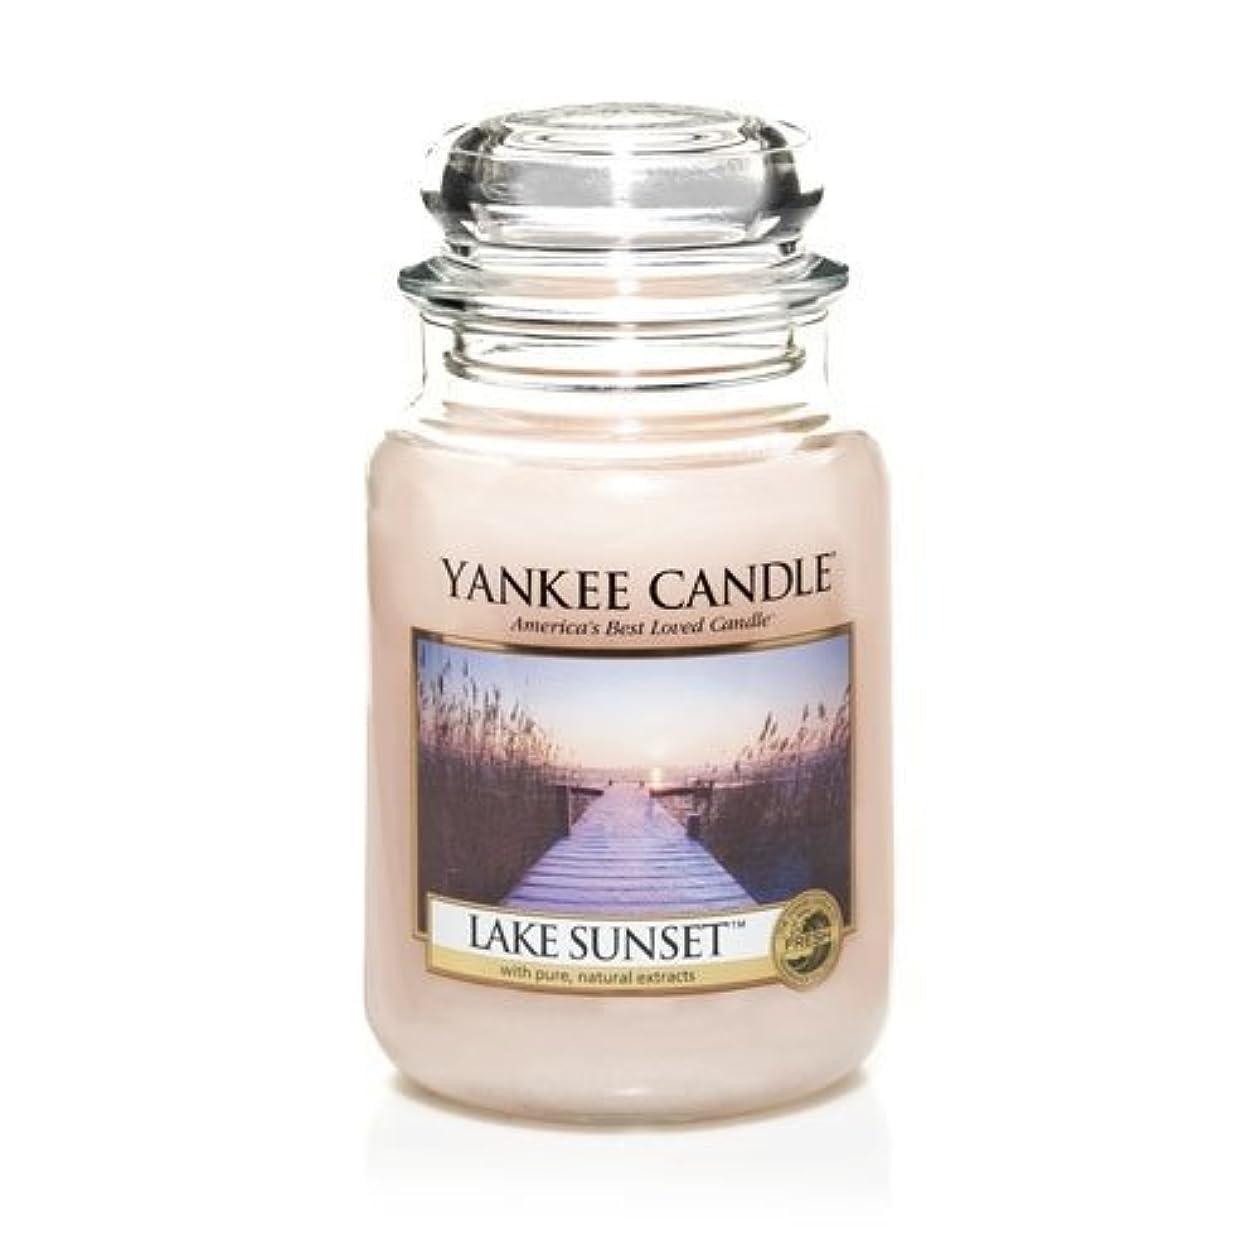 名目上のメナジェリー期待するYankee Candle LAKE SUNSET 22 oz Large Jar Candle - New for Fall 2013 by Yankee Candle [並行輸入品]